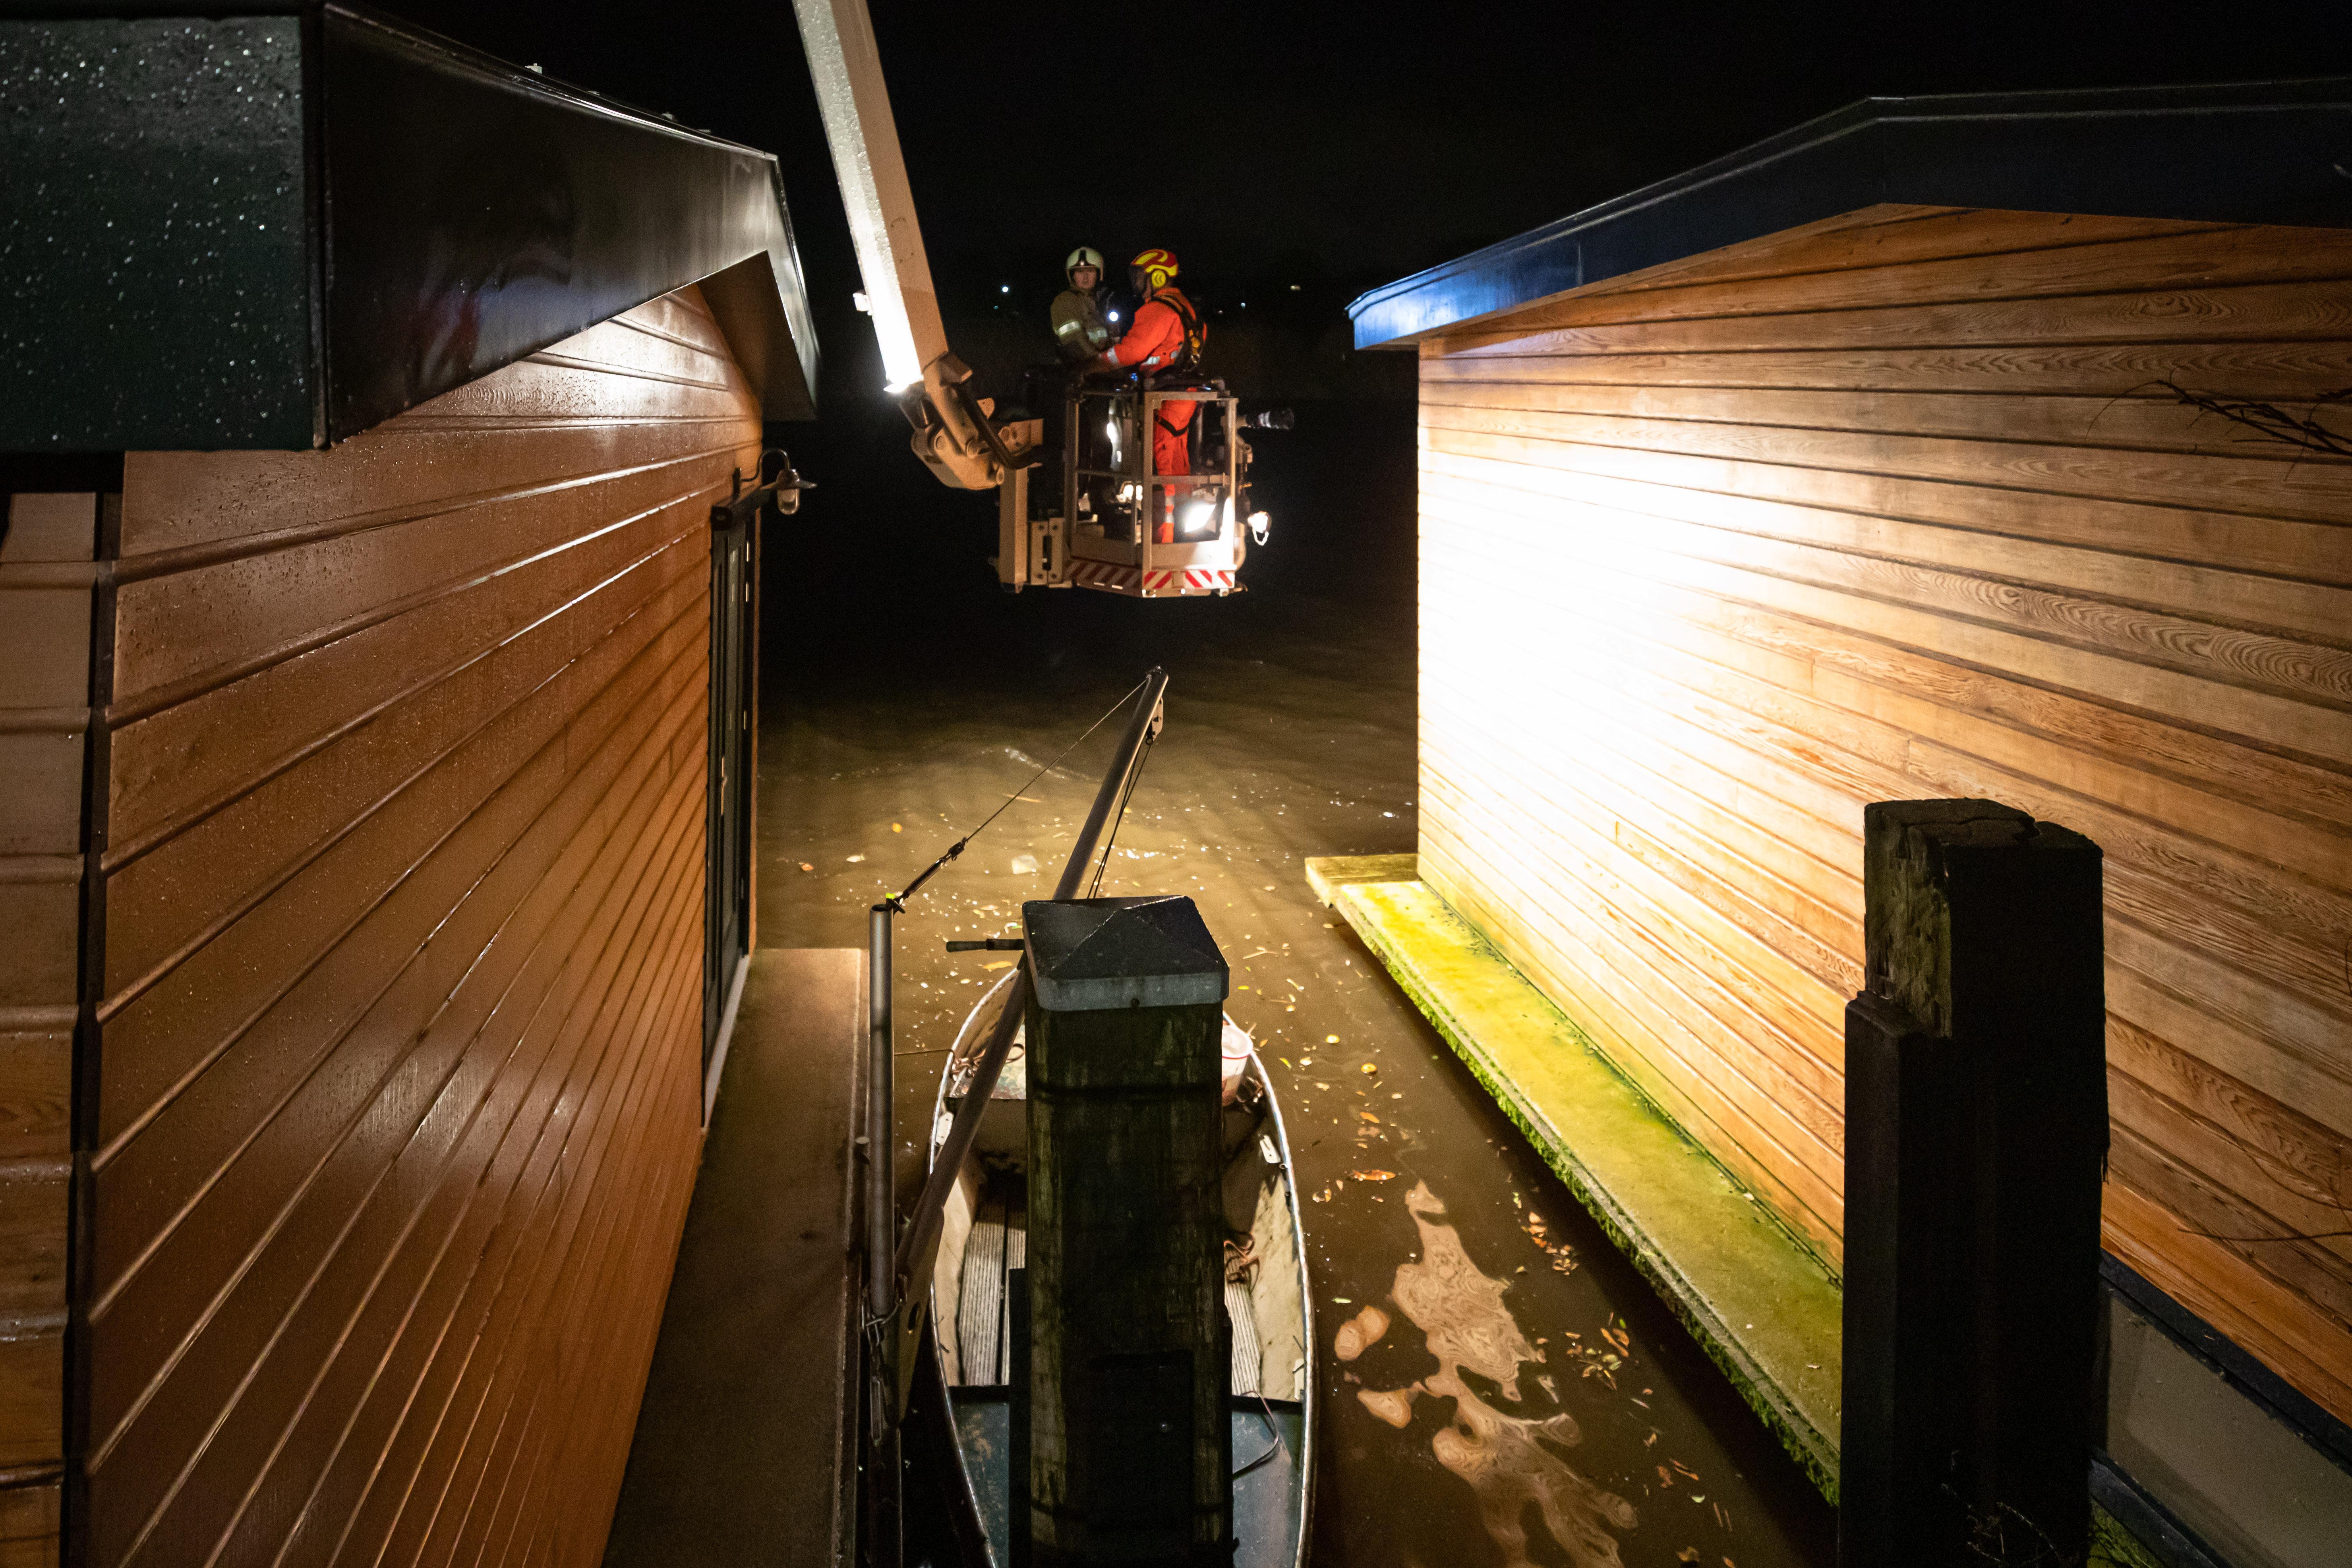 Grote schrik bij Baarnse bewoners van scheef hangende woonboten bij storm; 'Ik was angstig, omdat ik ook de zorg heb voor mijn ernstig zieke man en ik heb tot half drie 's nachts gedweild'